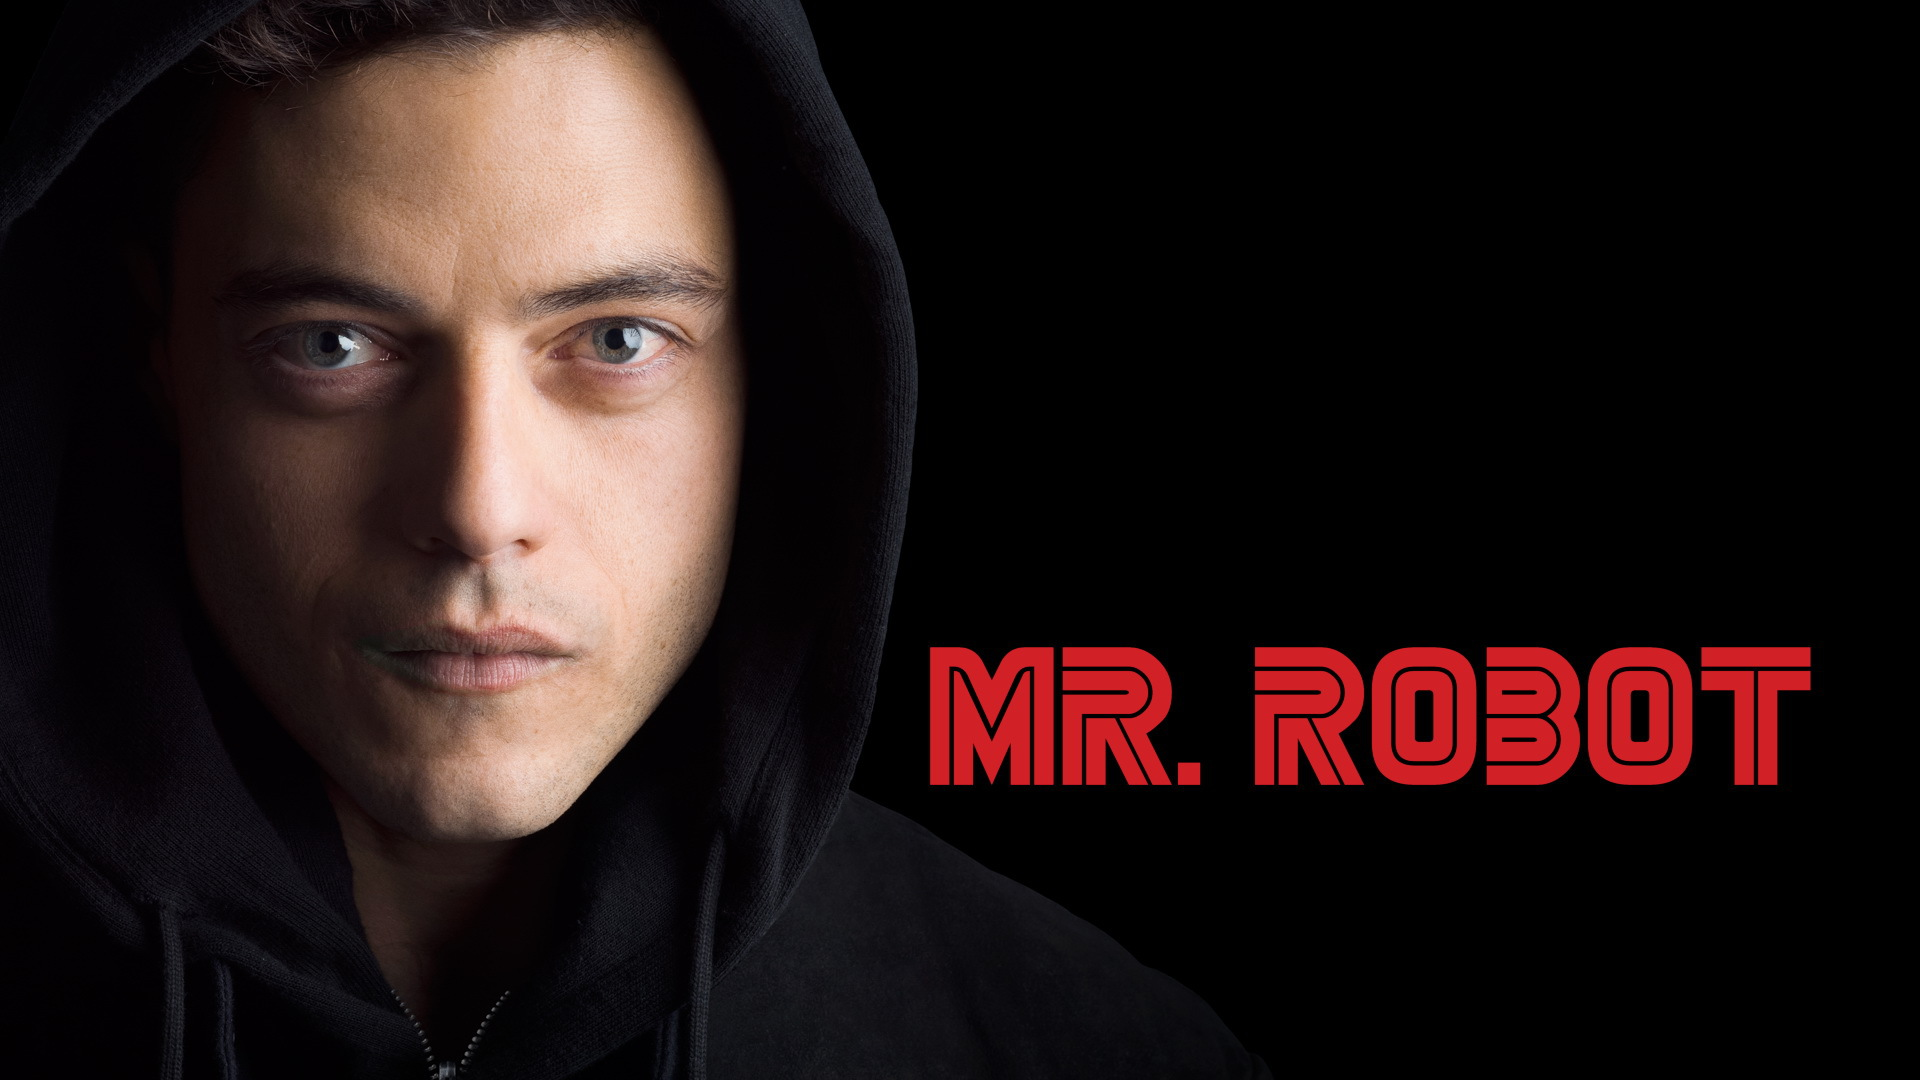 Сериал «Мистер робот» – что ждать зрителю?